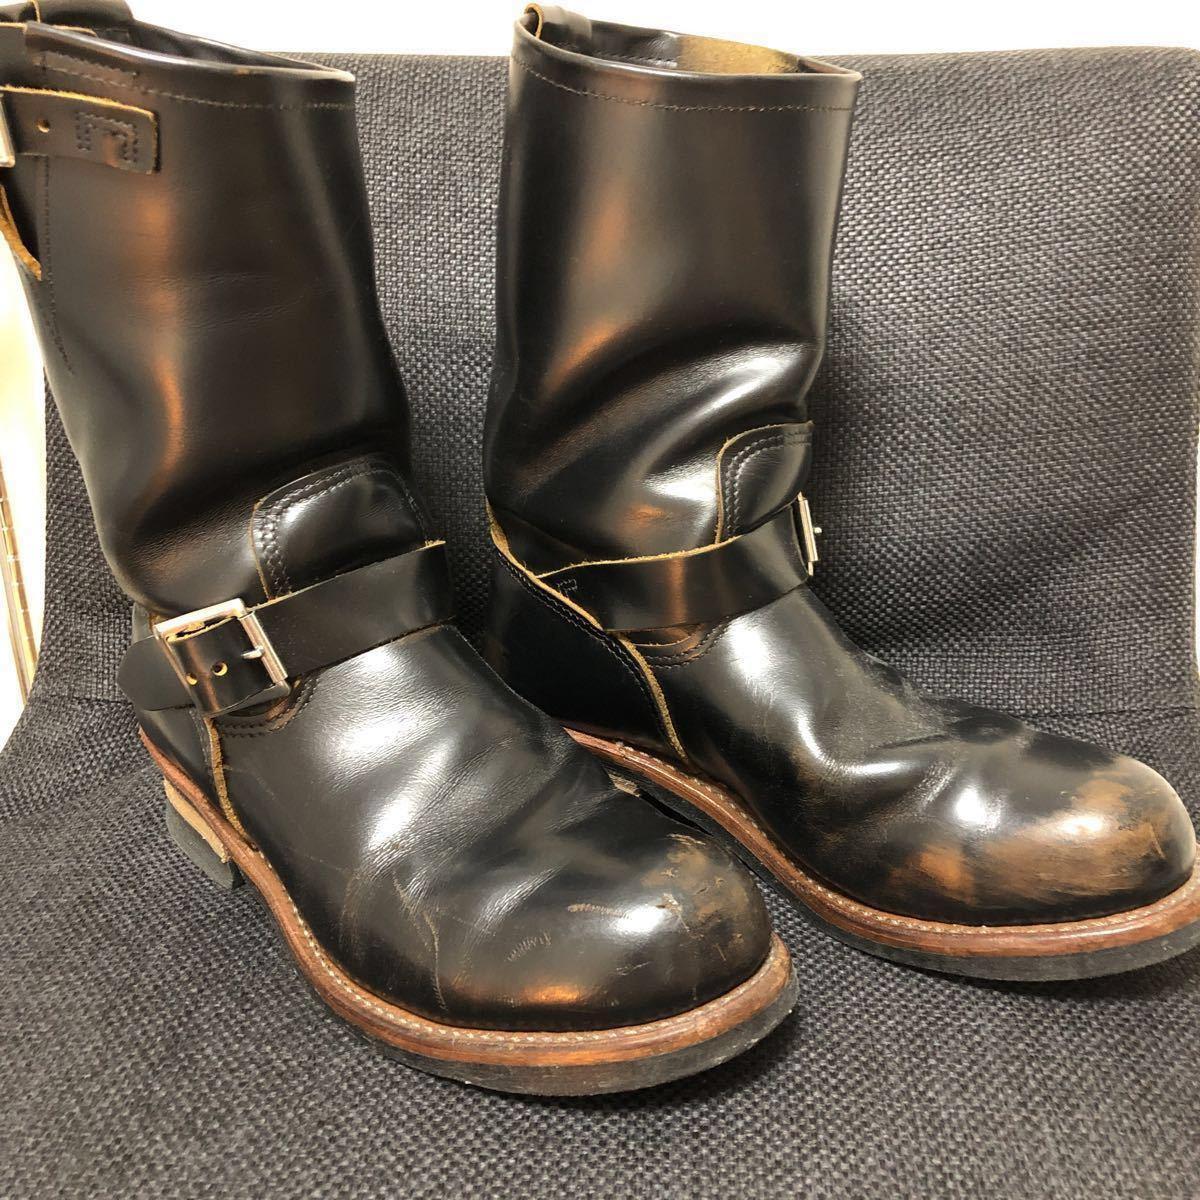 RED WING(レッドウィング) 9268 Engineer Boots(エンジニアブーツ スチールあり) ブラック・クロンダイク 茶芯